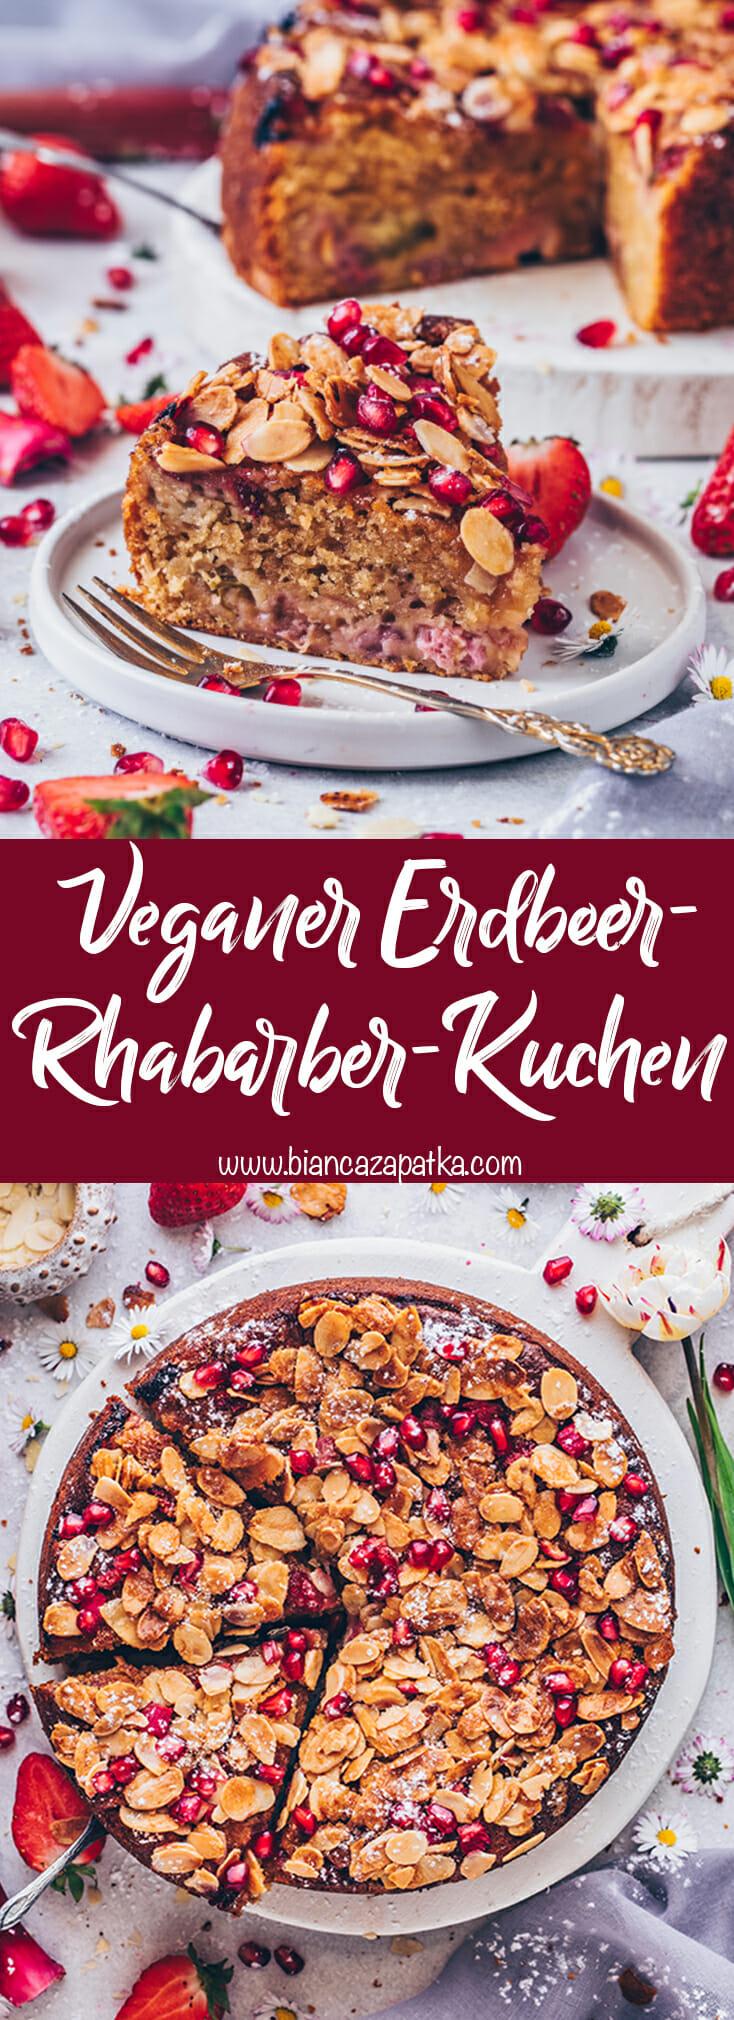 Erdbeer-Rhabarber-Kuchen mit Mandeln